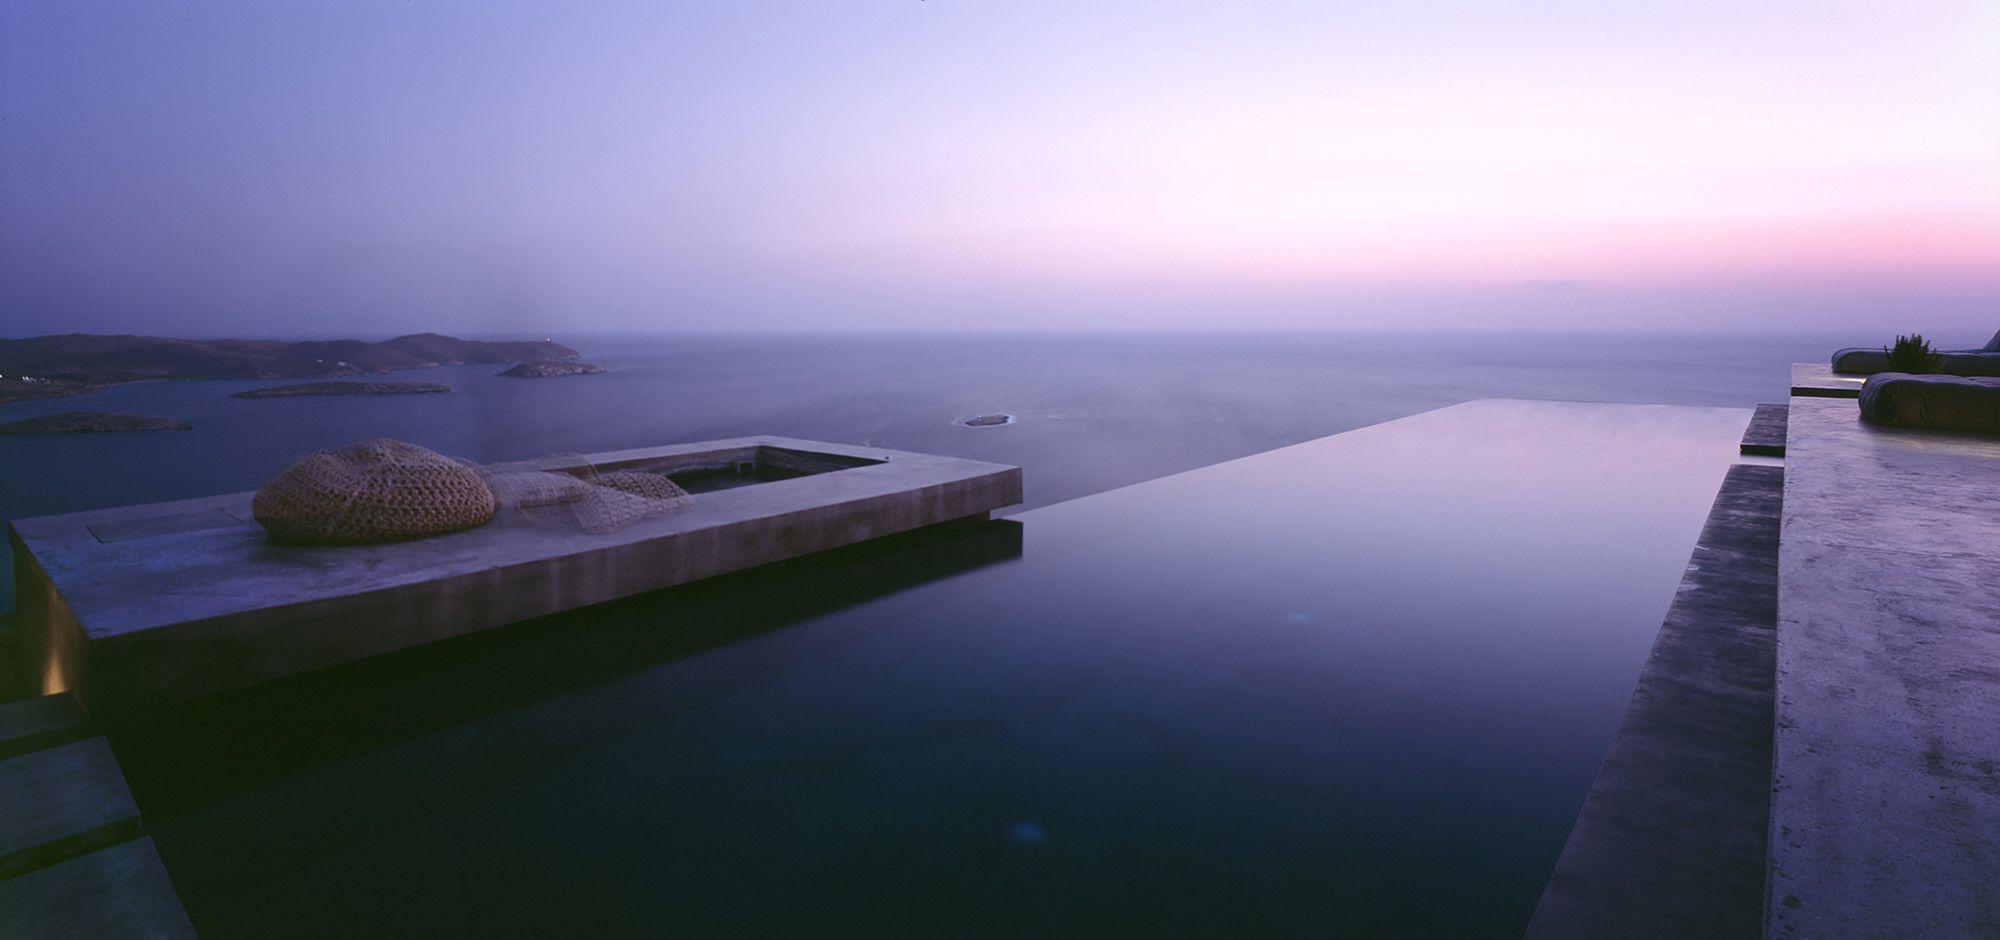 Galeria - Casa de Verão em Syros / block722 - 2